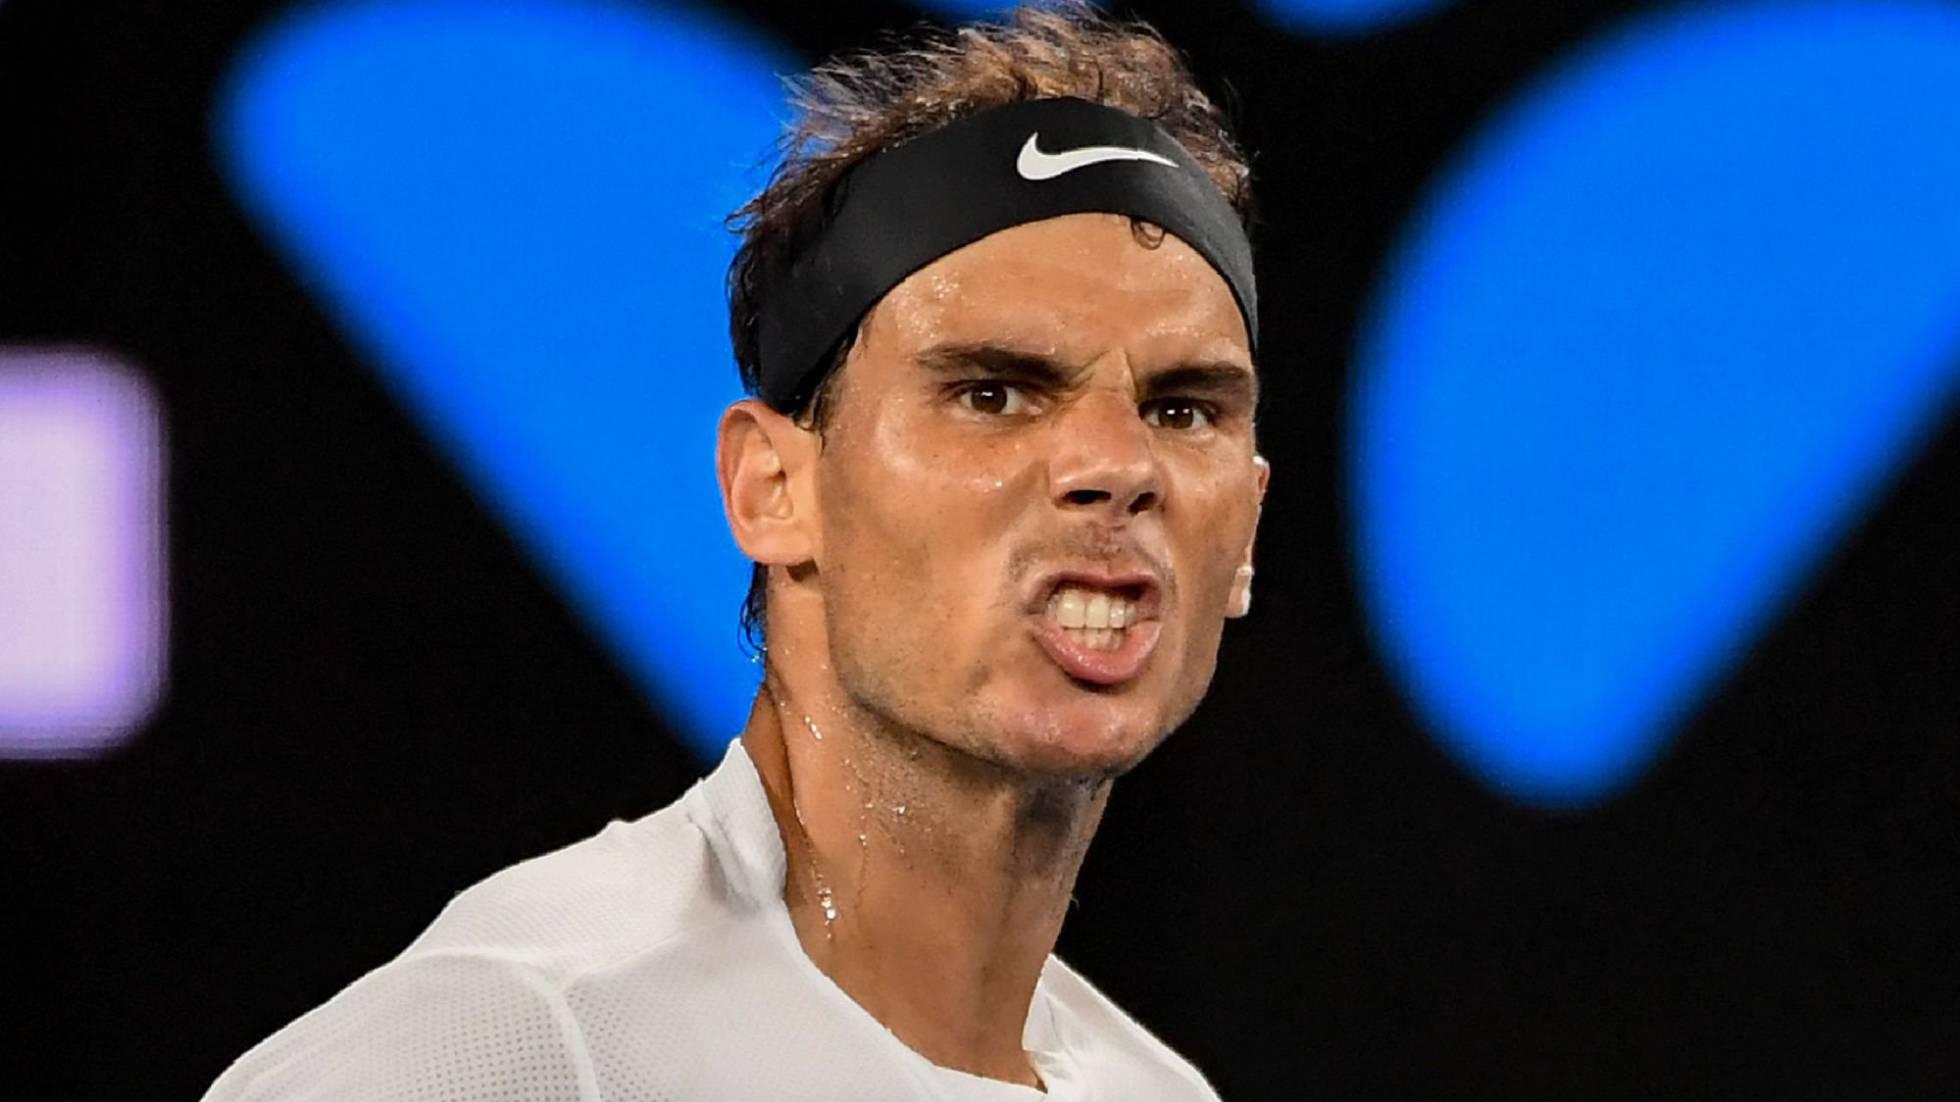 El hilo del tenis 1485471869_509207_1485522356_noticia_normal_recorte1